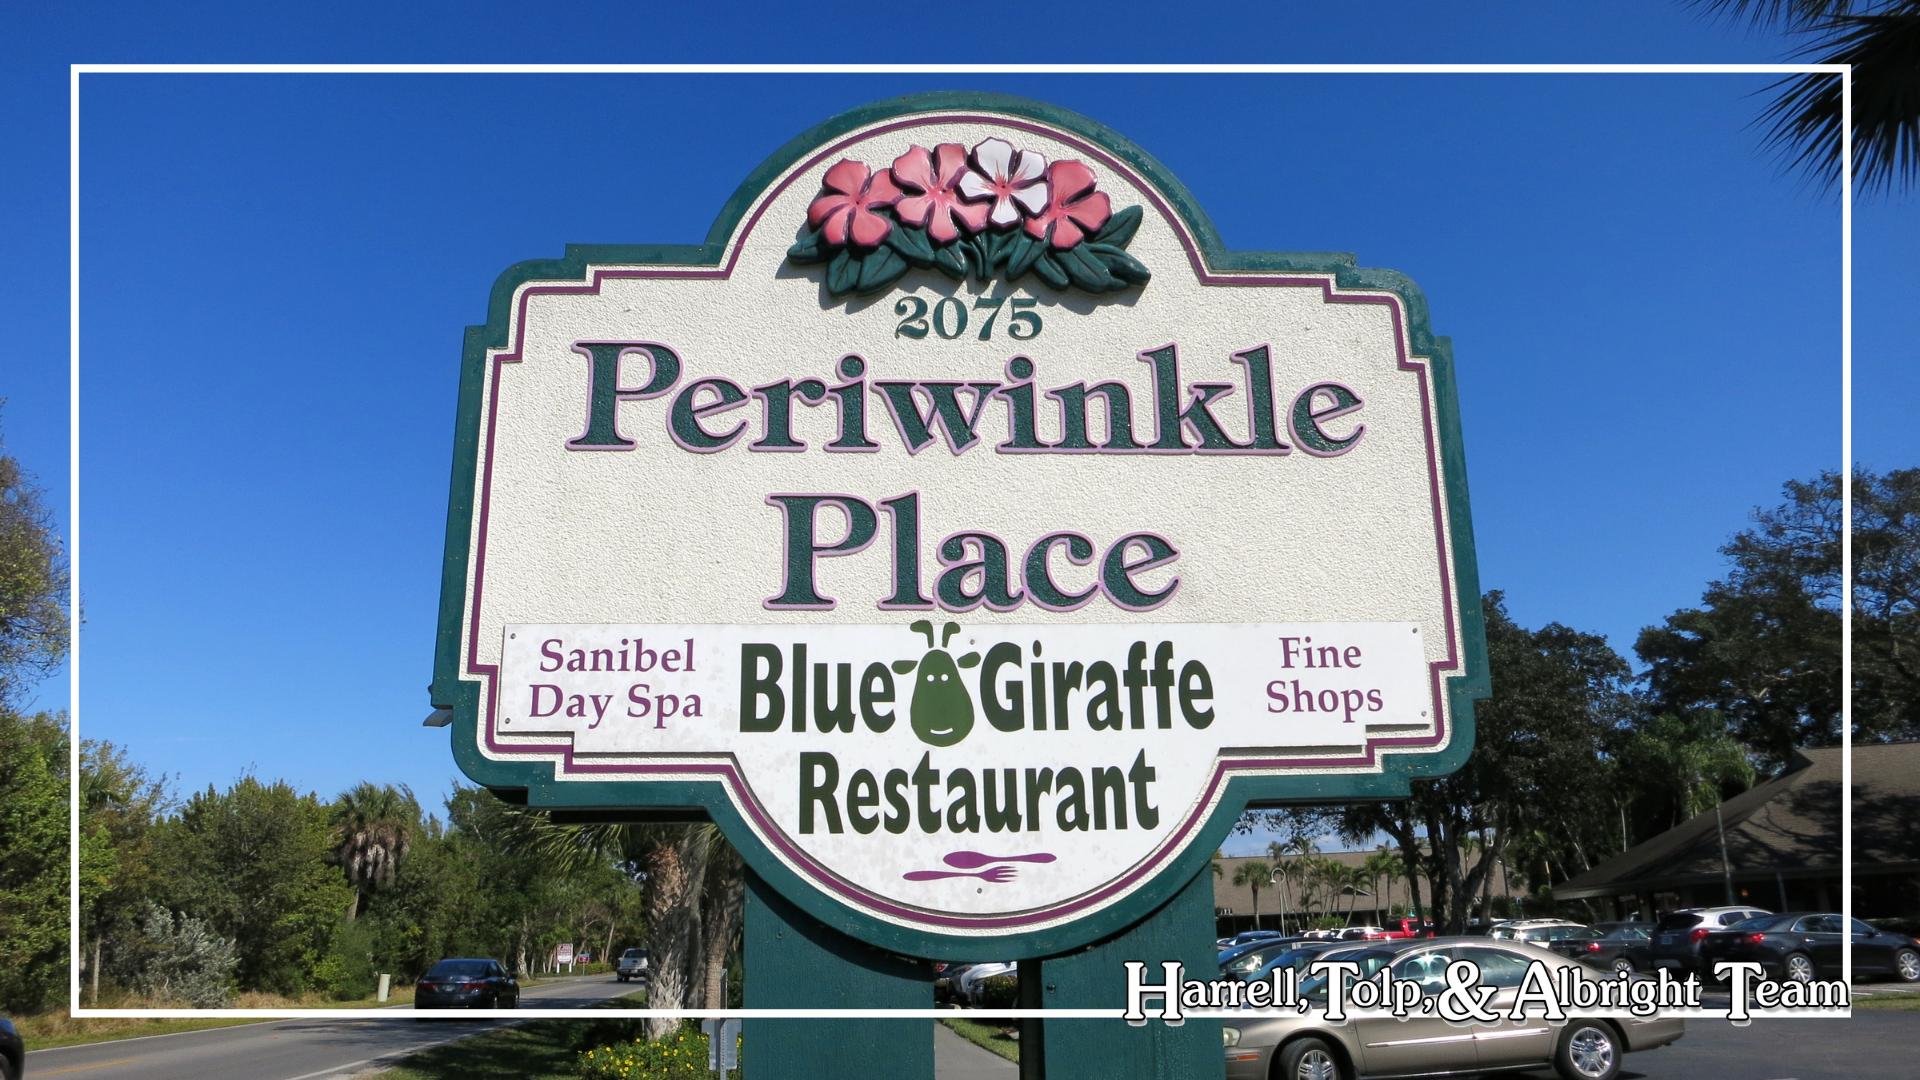 Periwinkle Place Shops